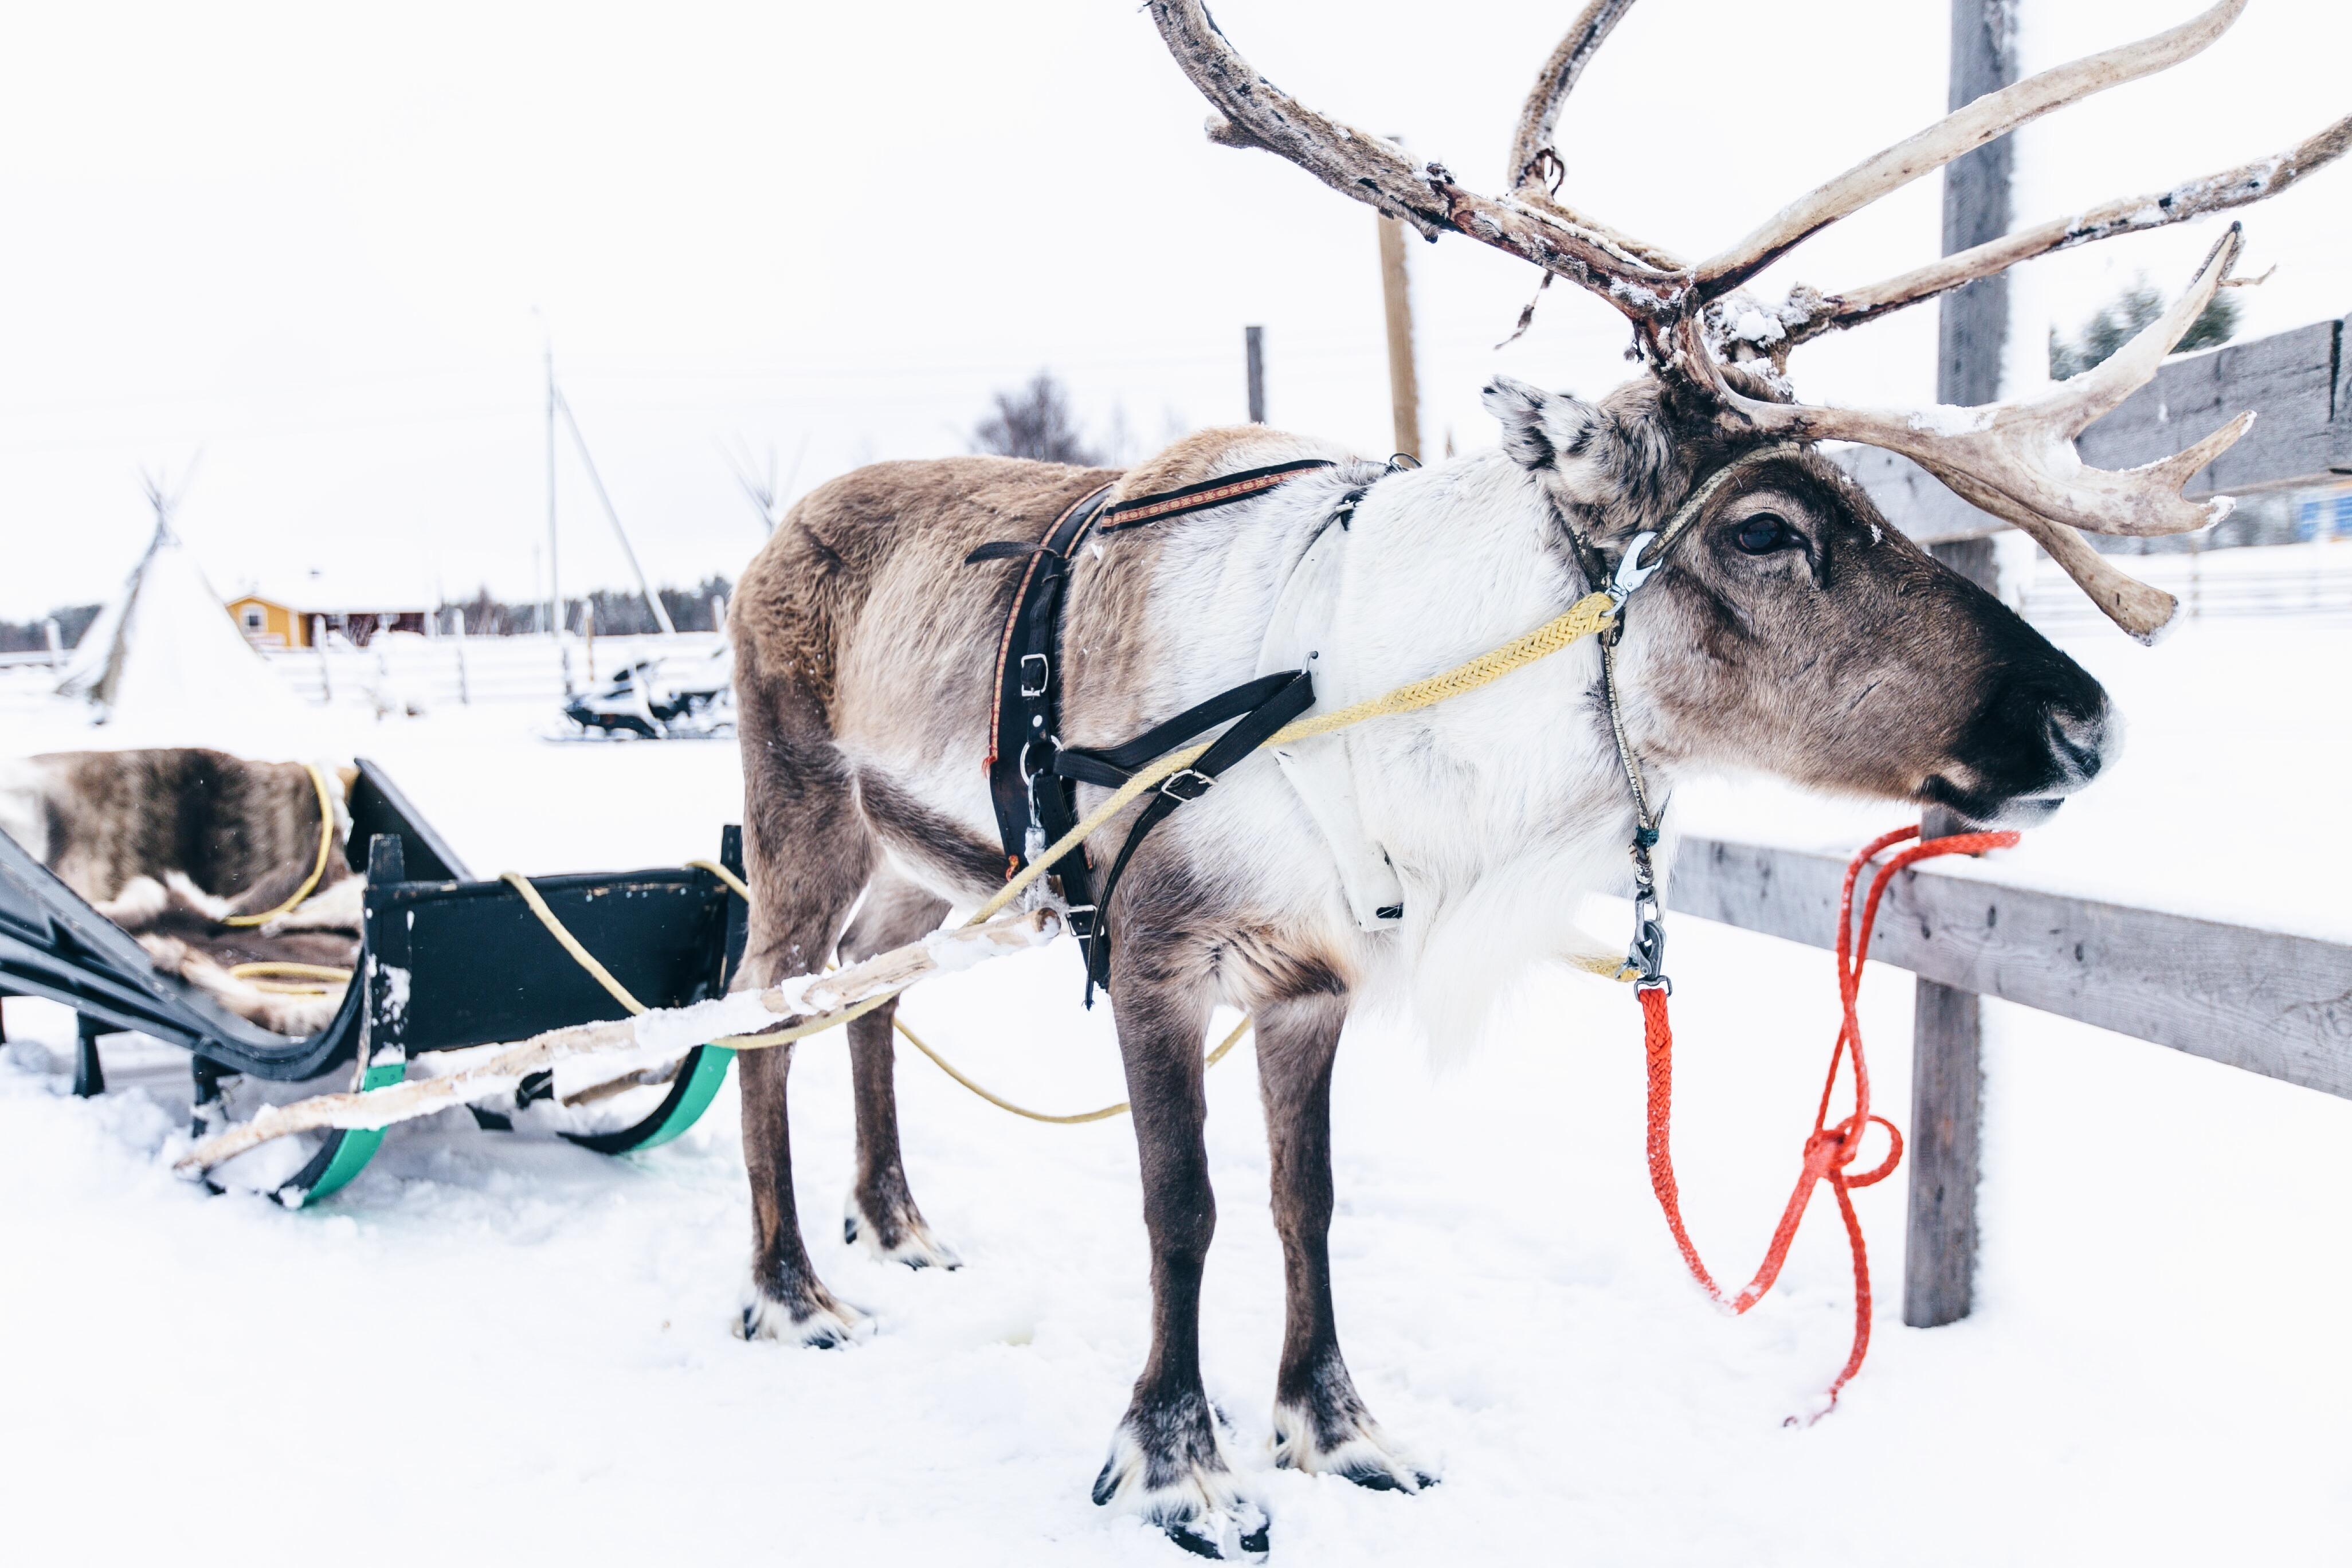 Rentiere in Levi, Lappland, Rentierschlitten fahren